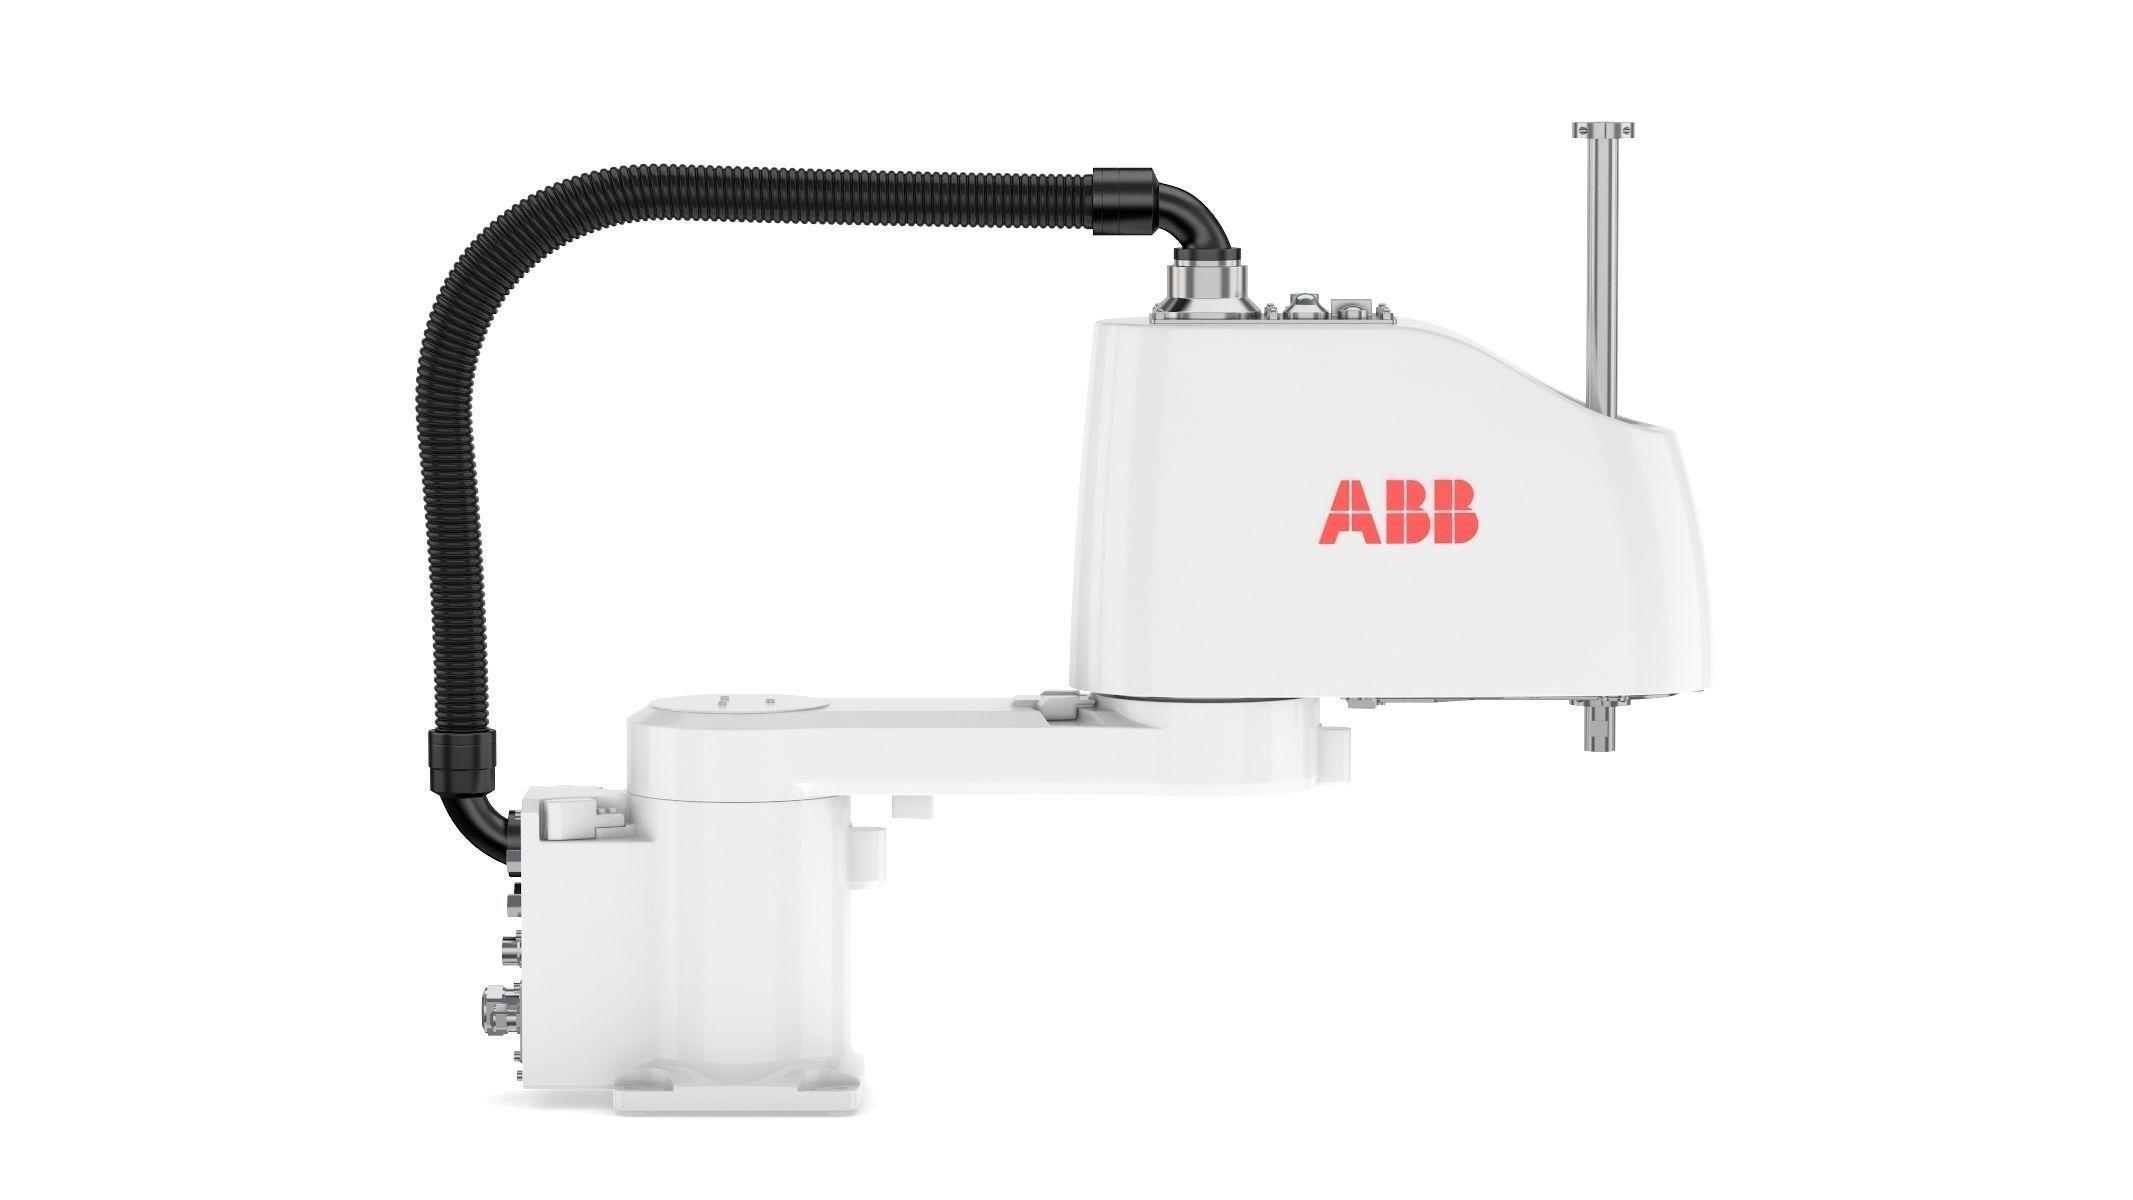 ABB IRB 910SC SCARA